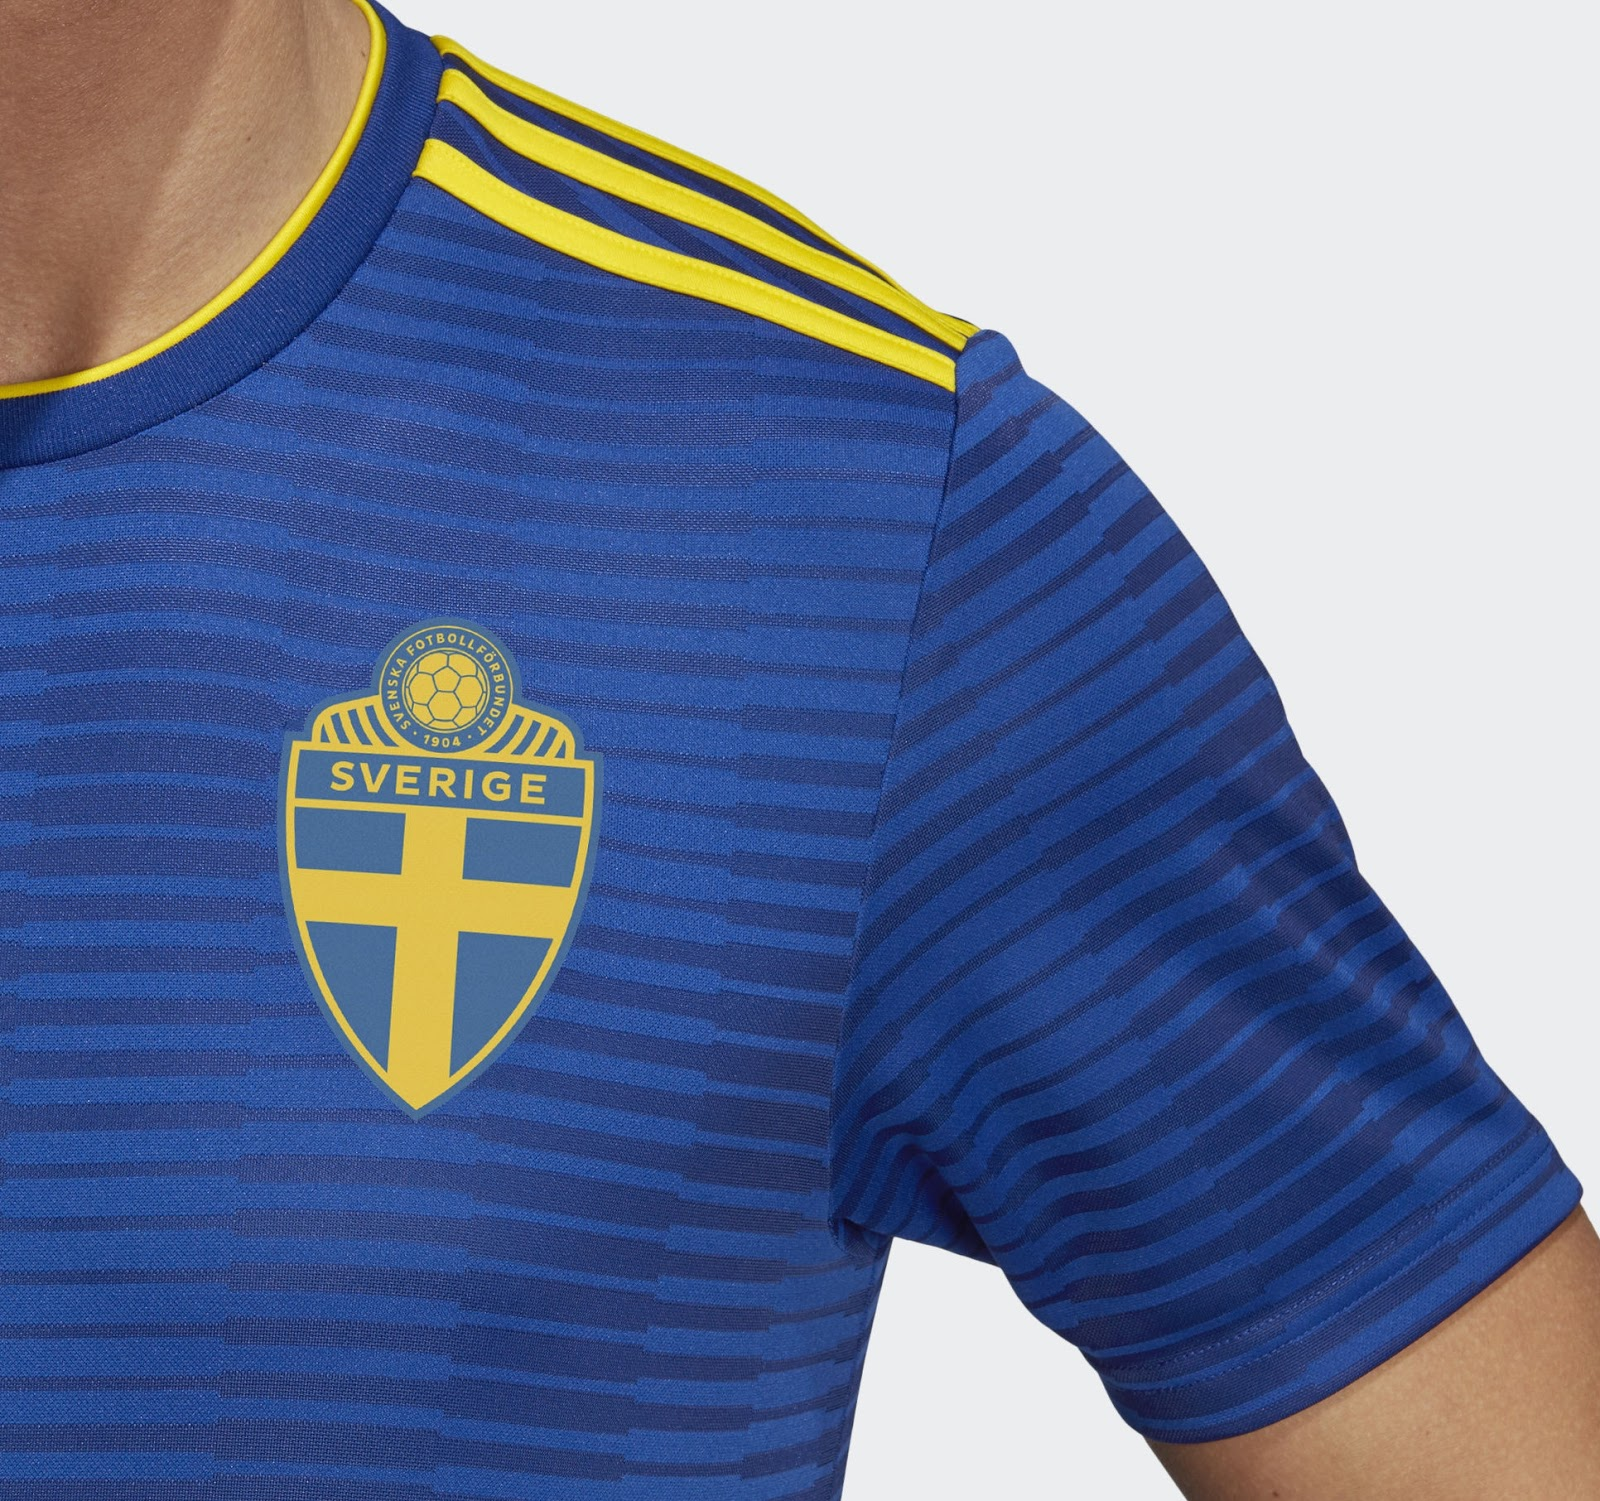 Adidas lança a camisa reserva da Suécia para a Copa do Mundo - Show ... b70e622bed8f7